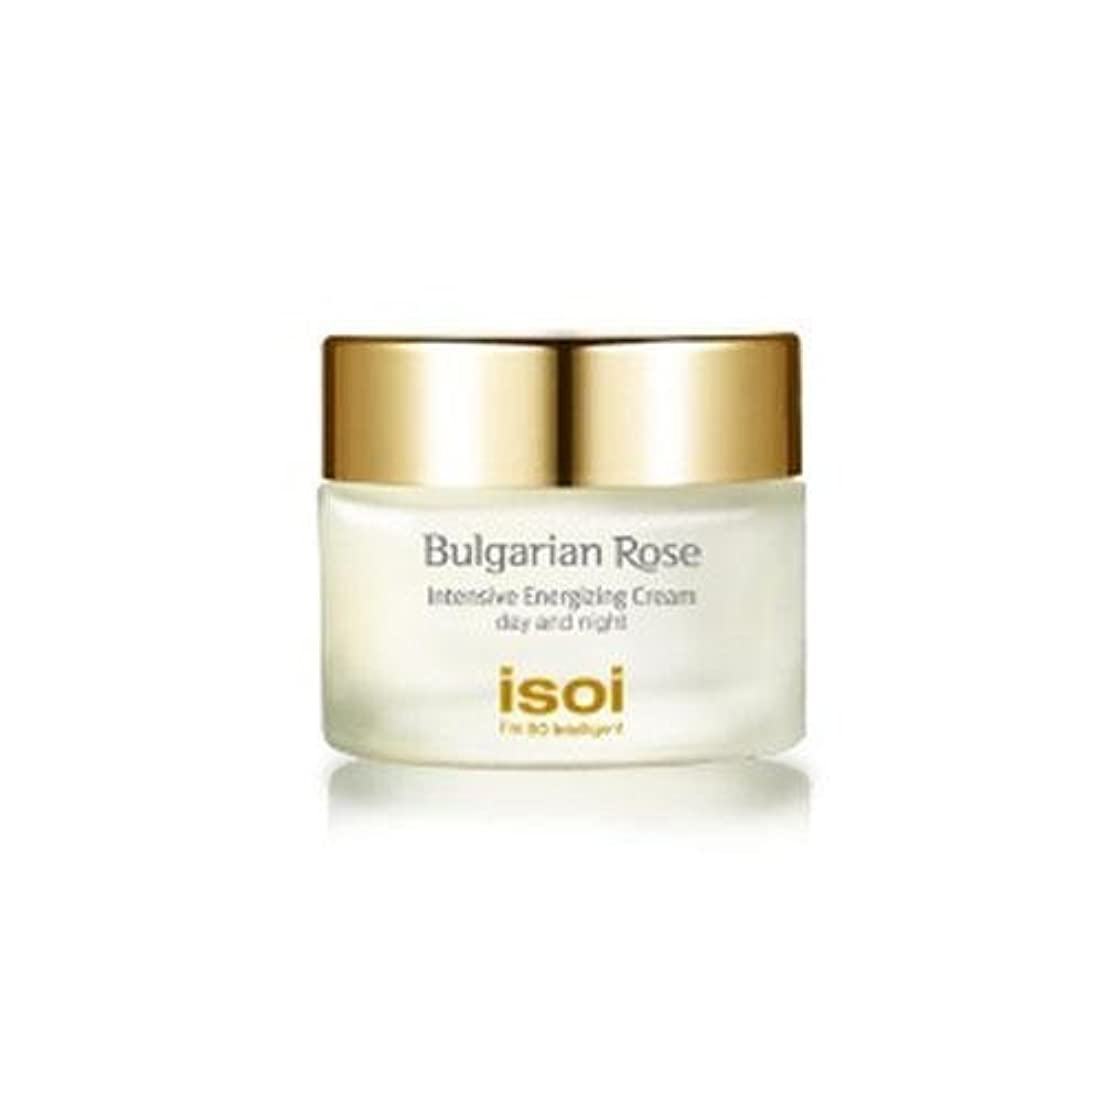 狭い翻訳者計画isoi Bulgarian Rose Intensive Energizing Cream/ Made in Korea